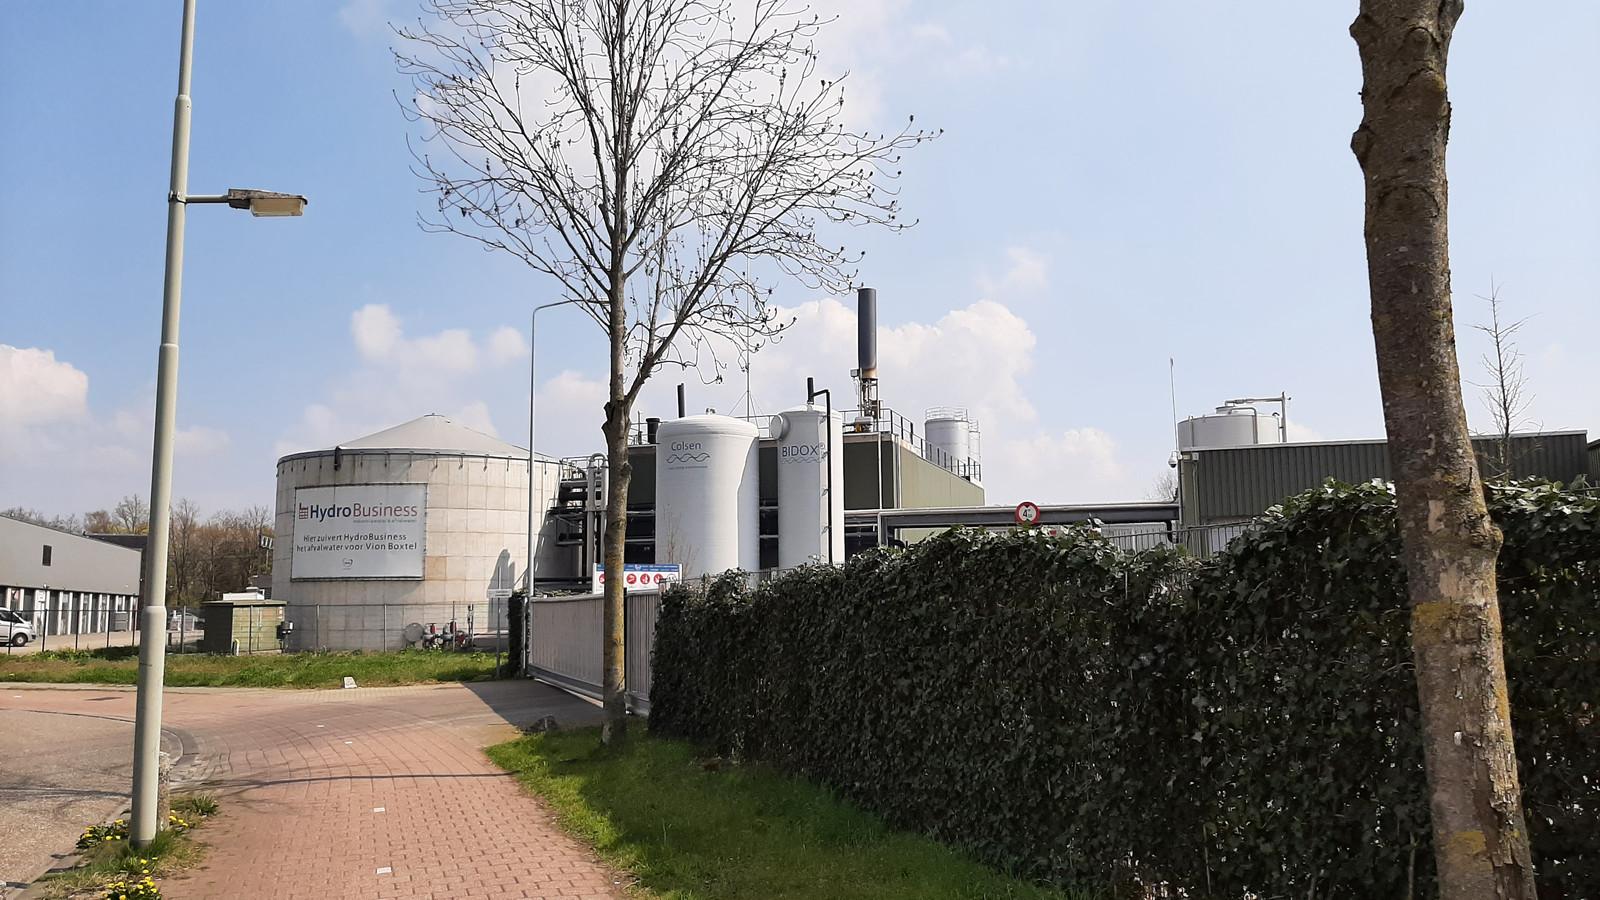 De waterzuiveringsinstallatie van Hydrobusiness op het terrein van Vion. Met op de achtergrond in het midden de twee nieuwe watertanks.